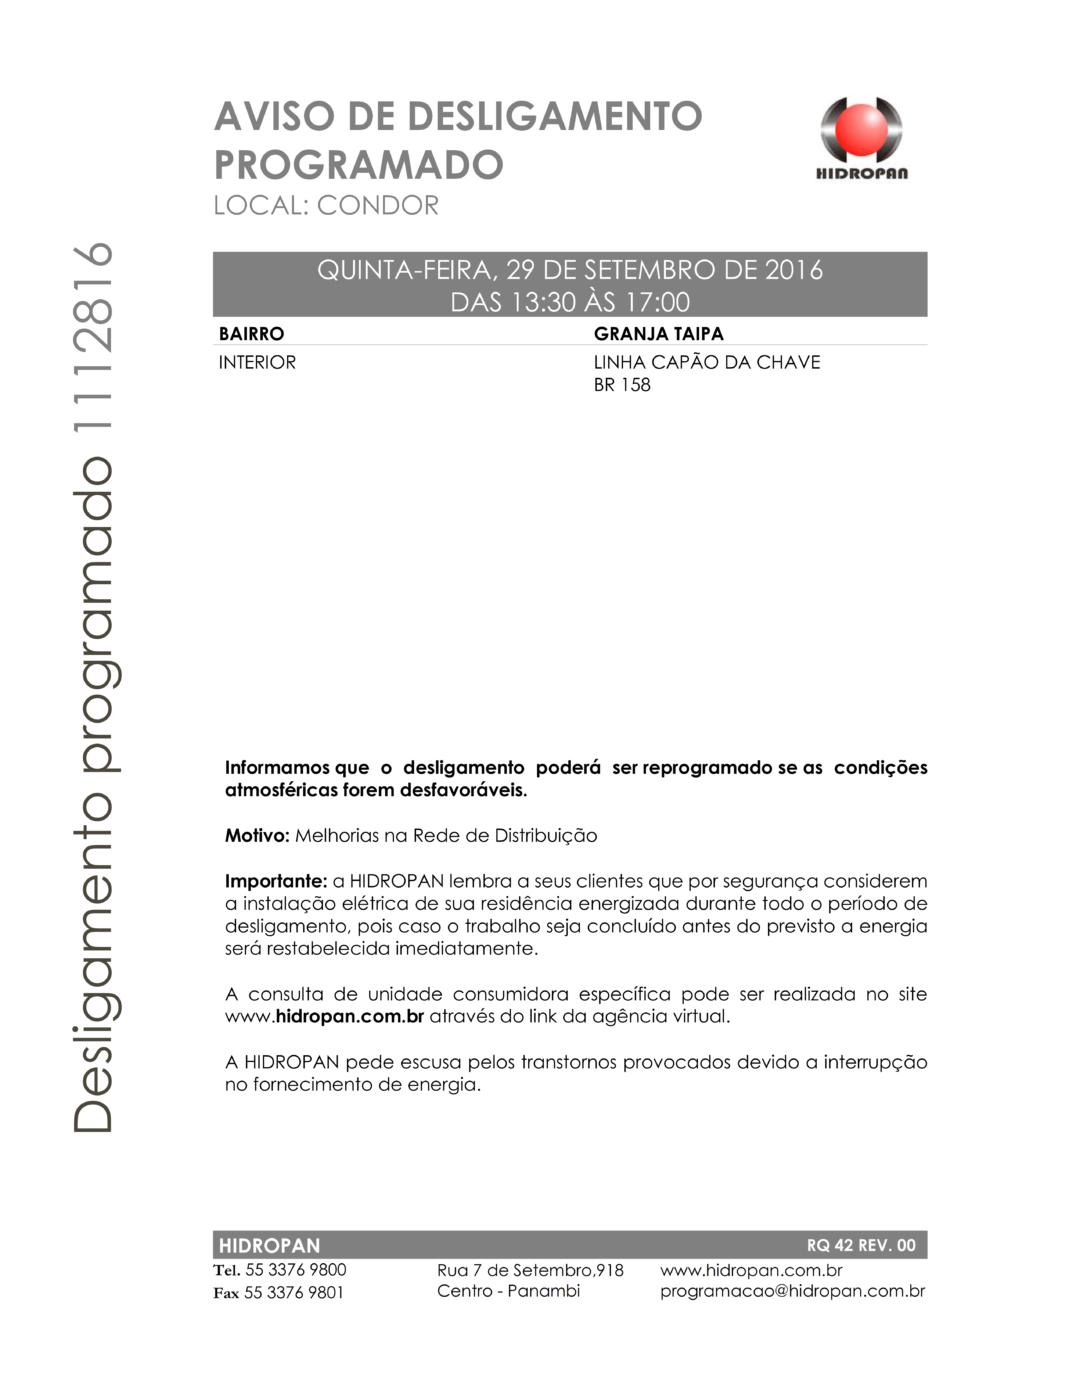 AVISO DE DESLIGAMENTO PROGRAMADO PROCESSO 1112816